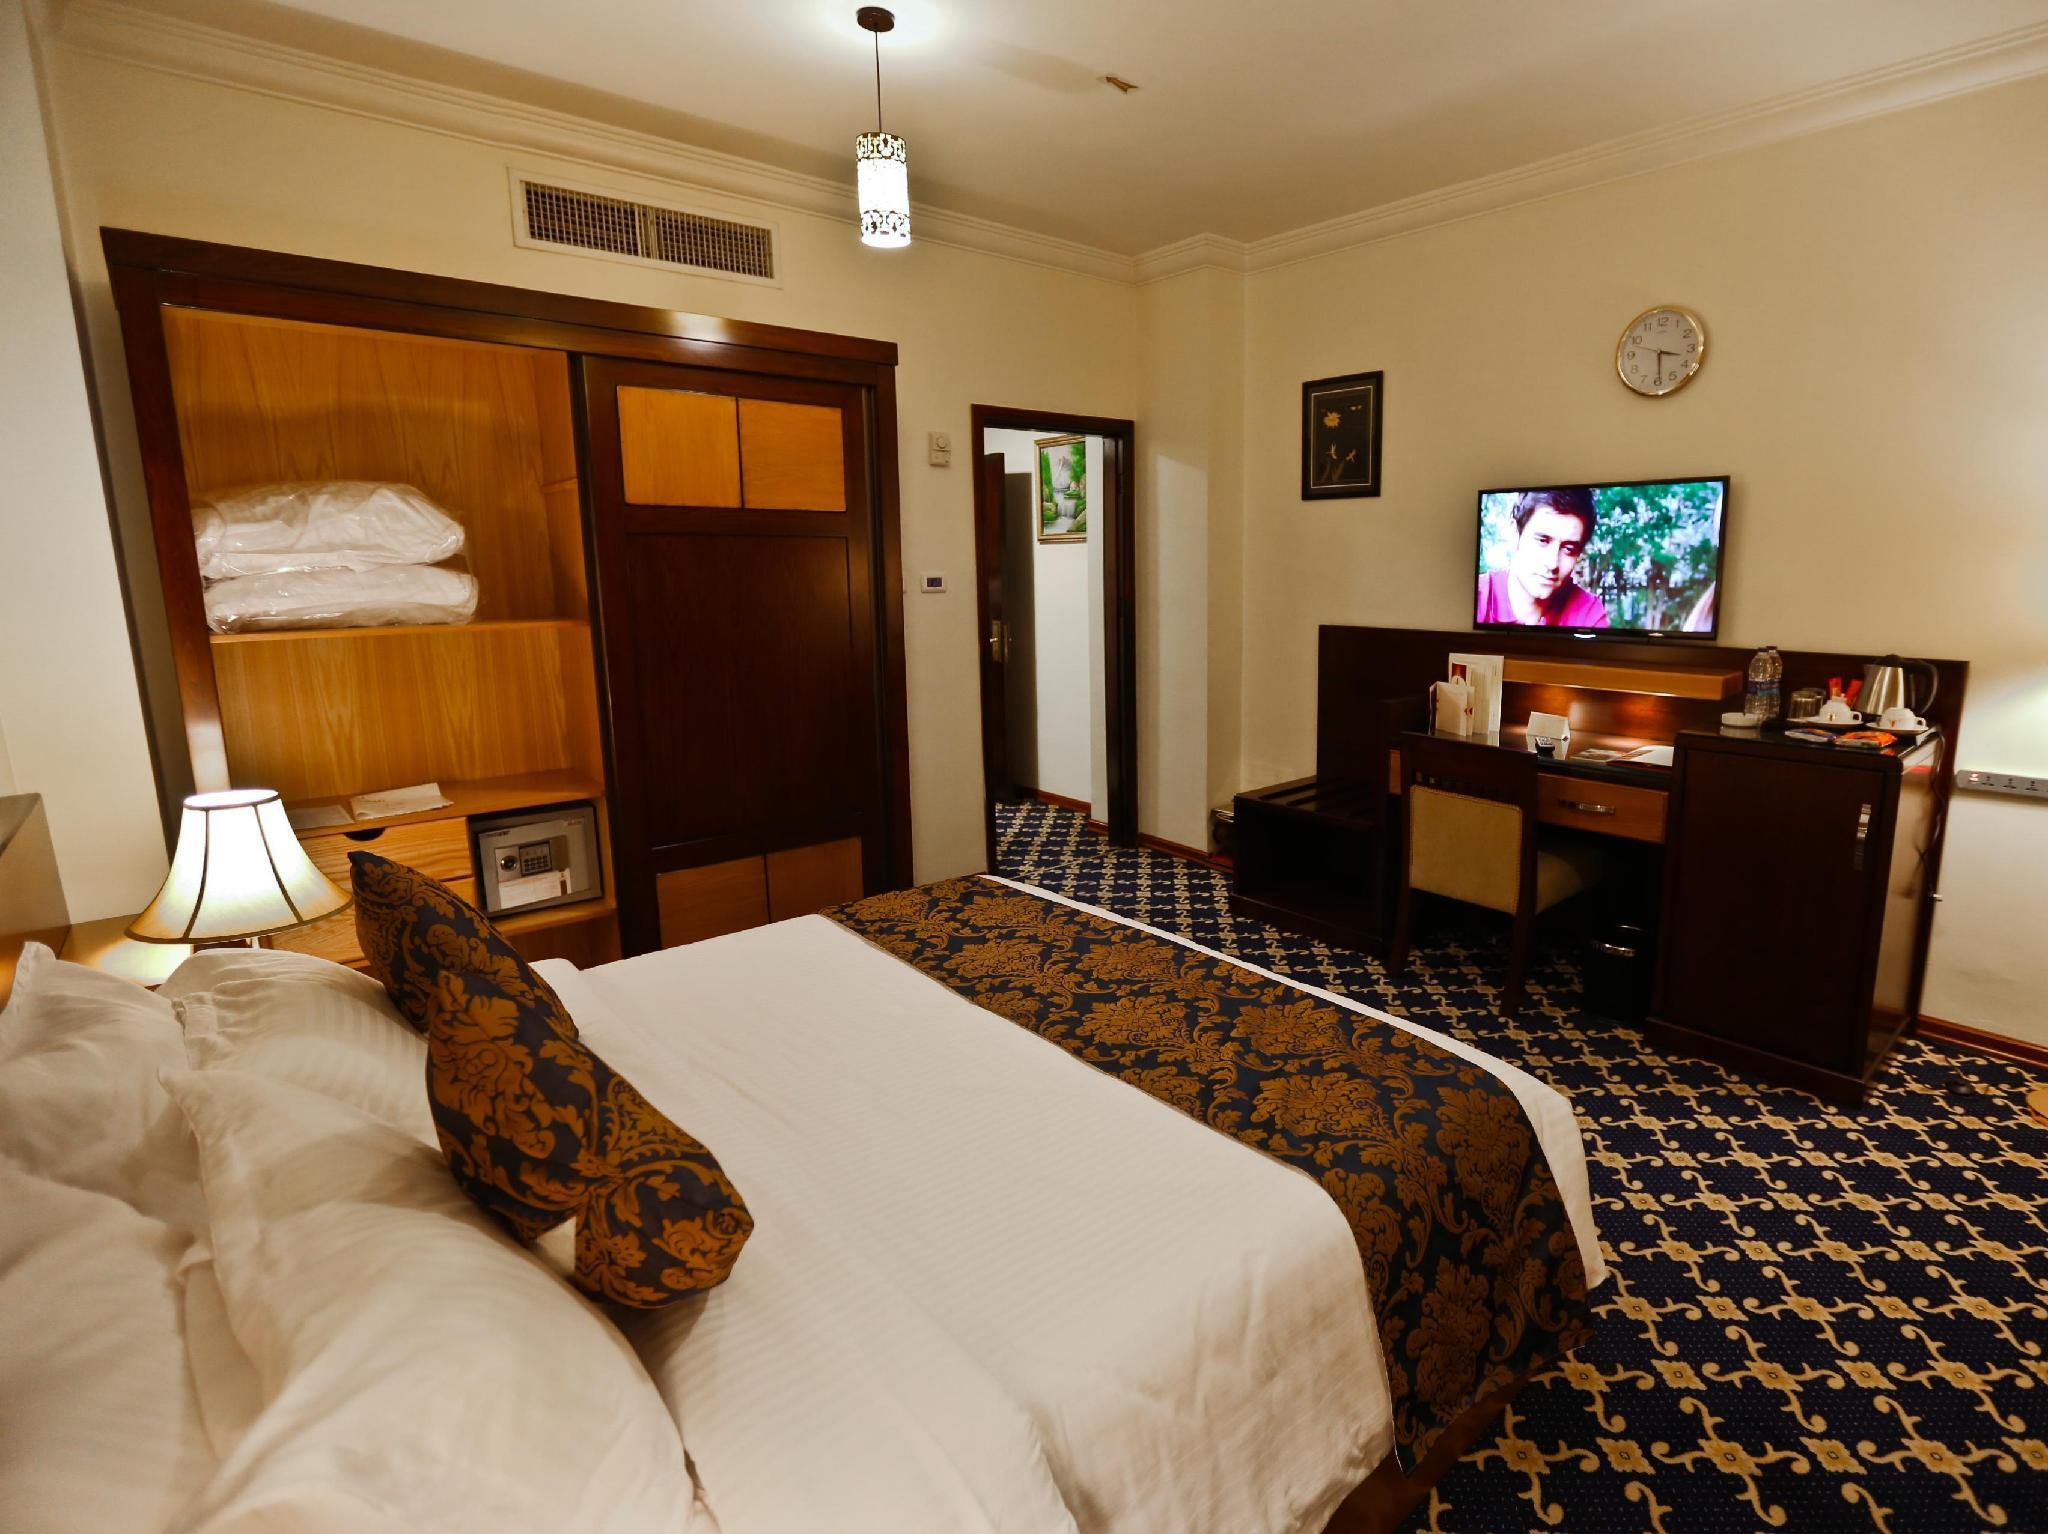 al thuraya hotel room deals reviews photos amman jordan rh agoda com